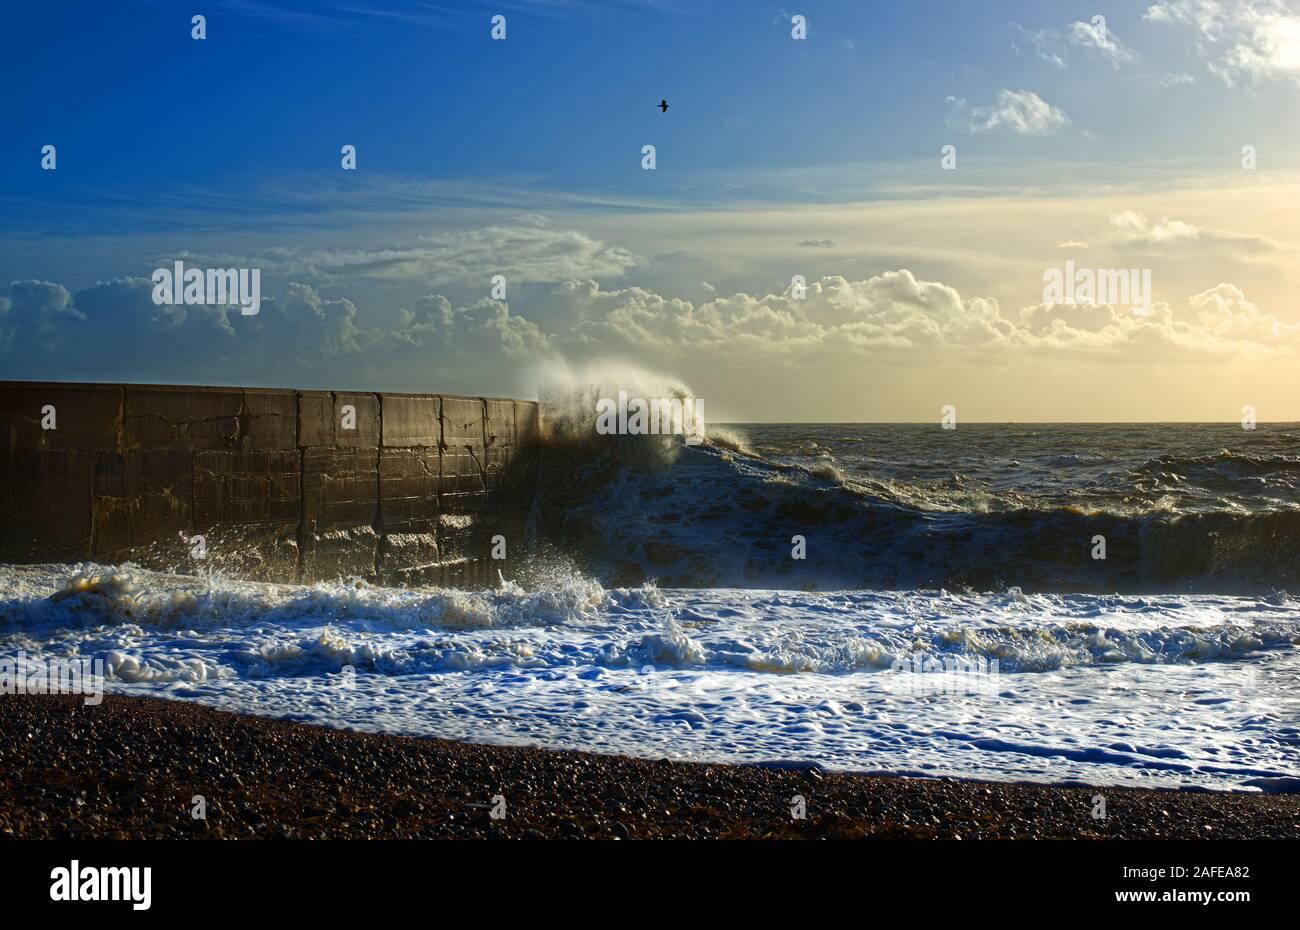 waves crashing on the marina arm Stock Photo